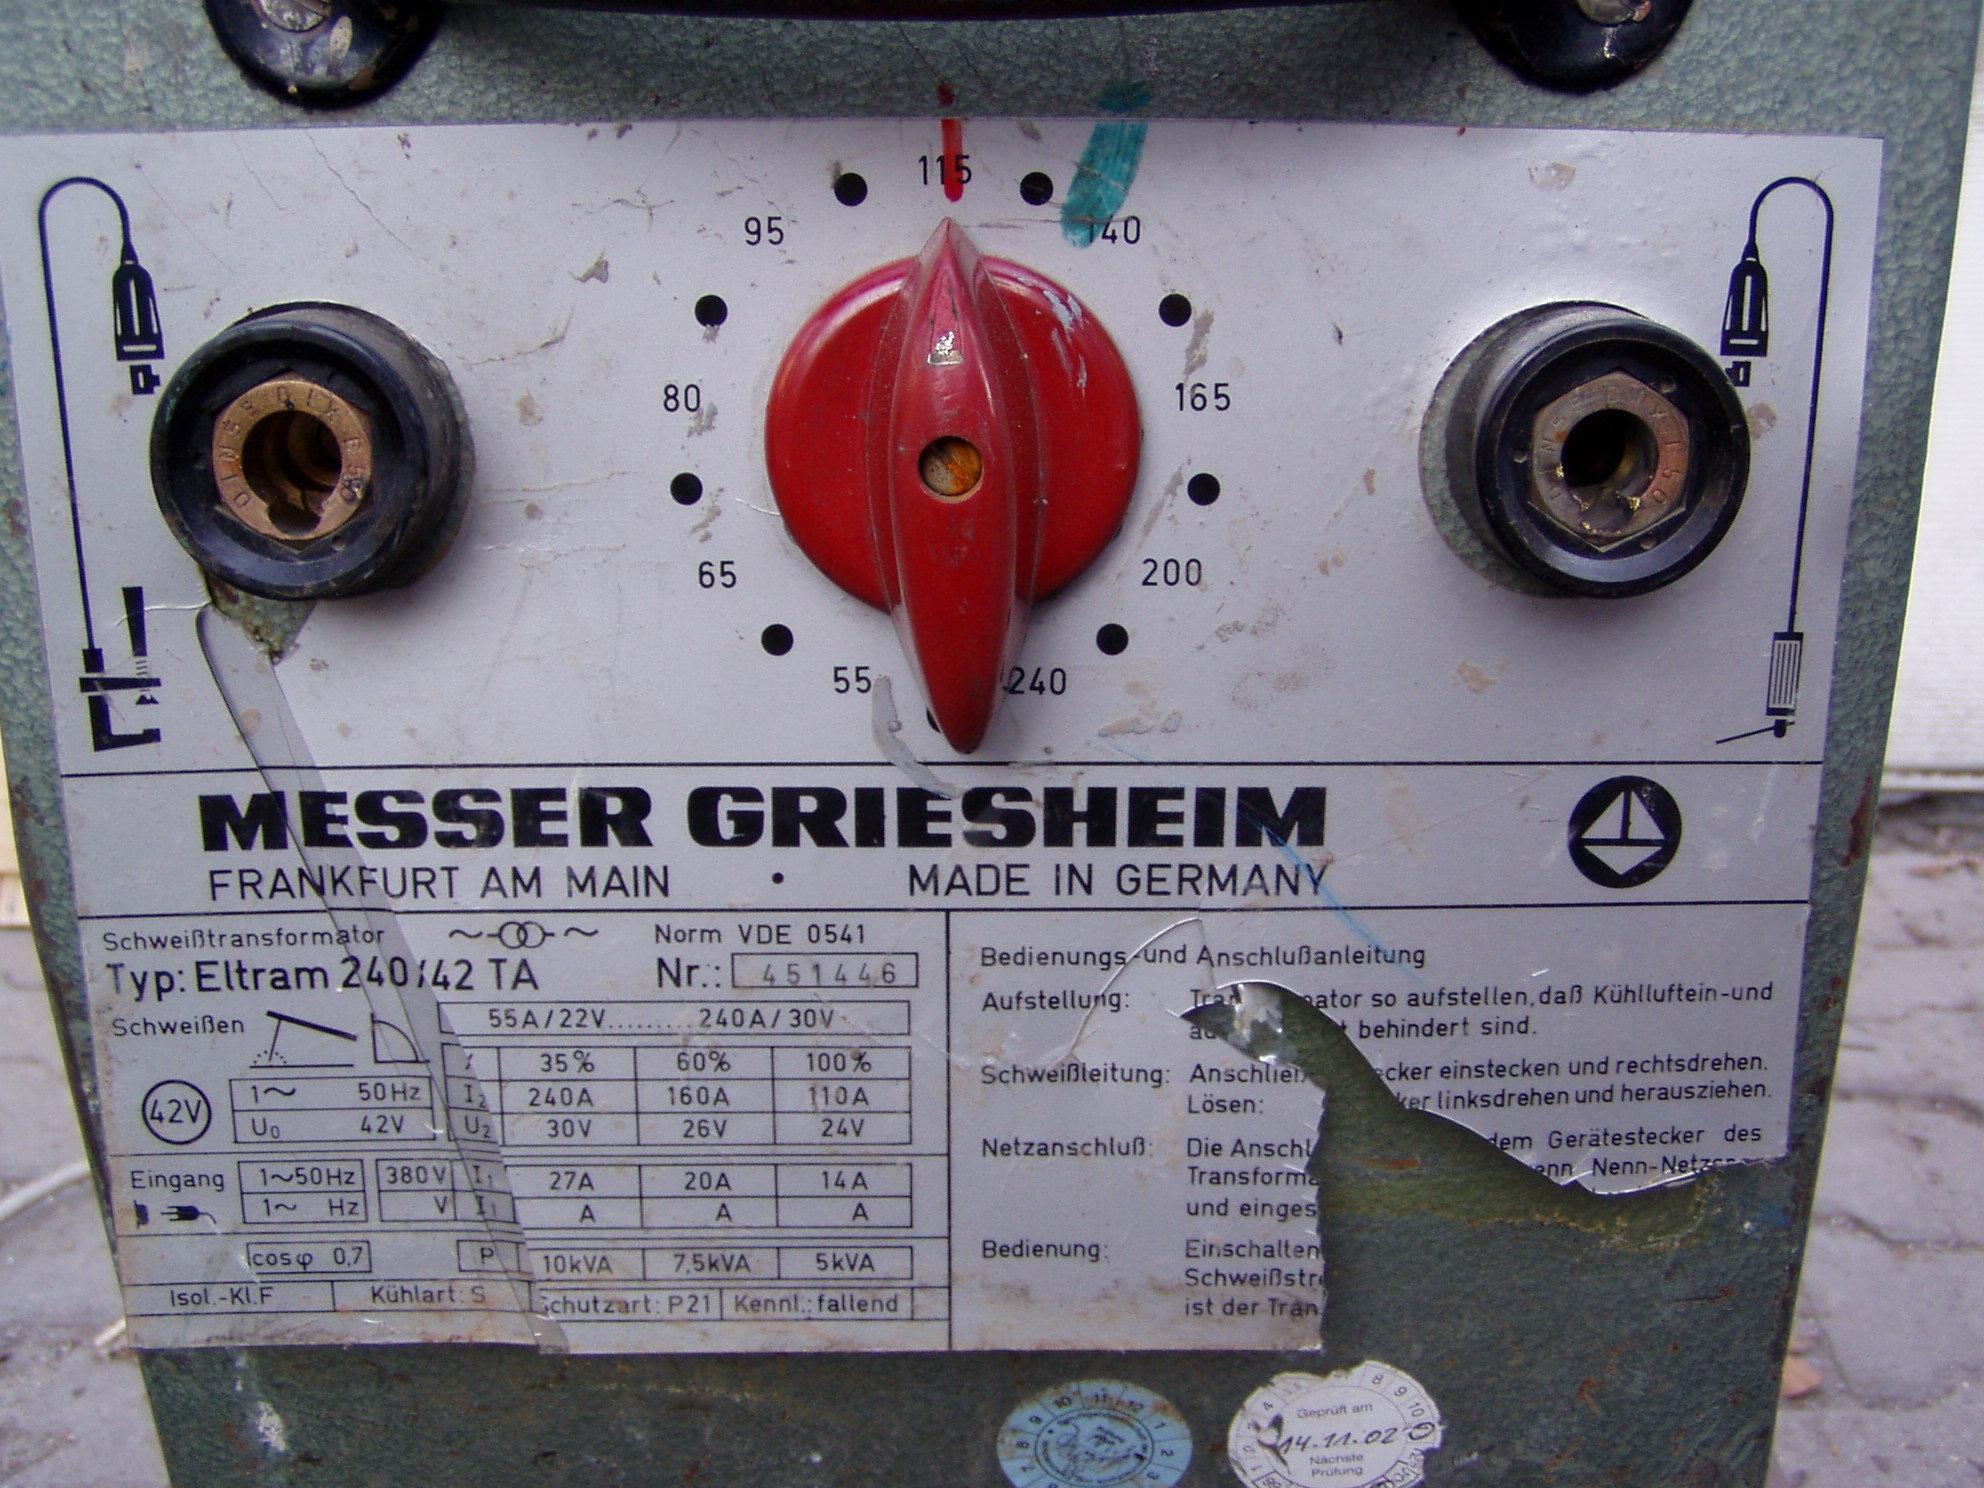 Schrottplatz Griesheim